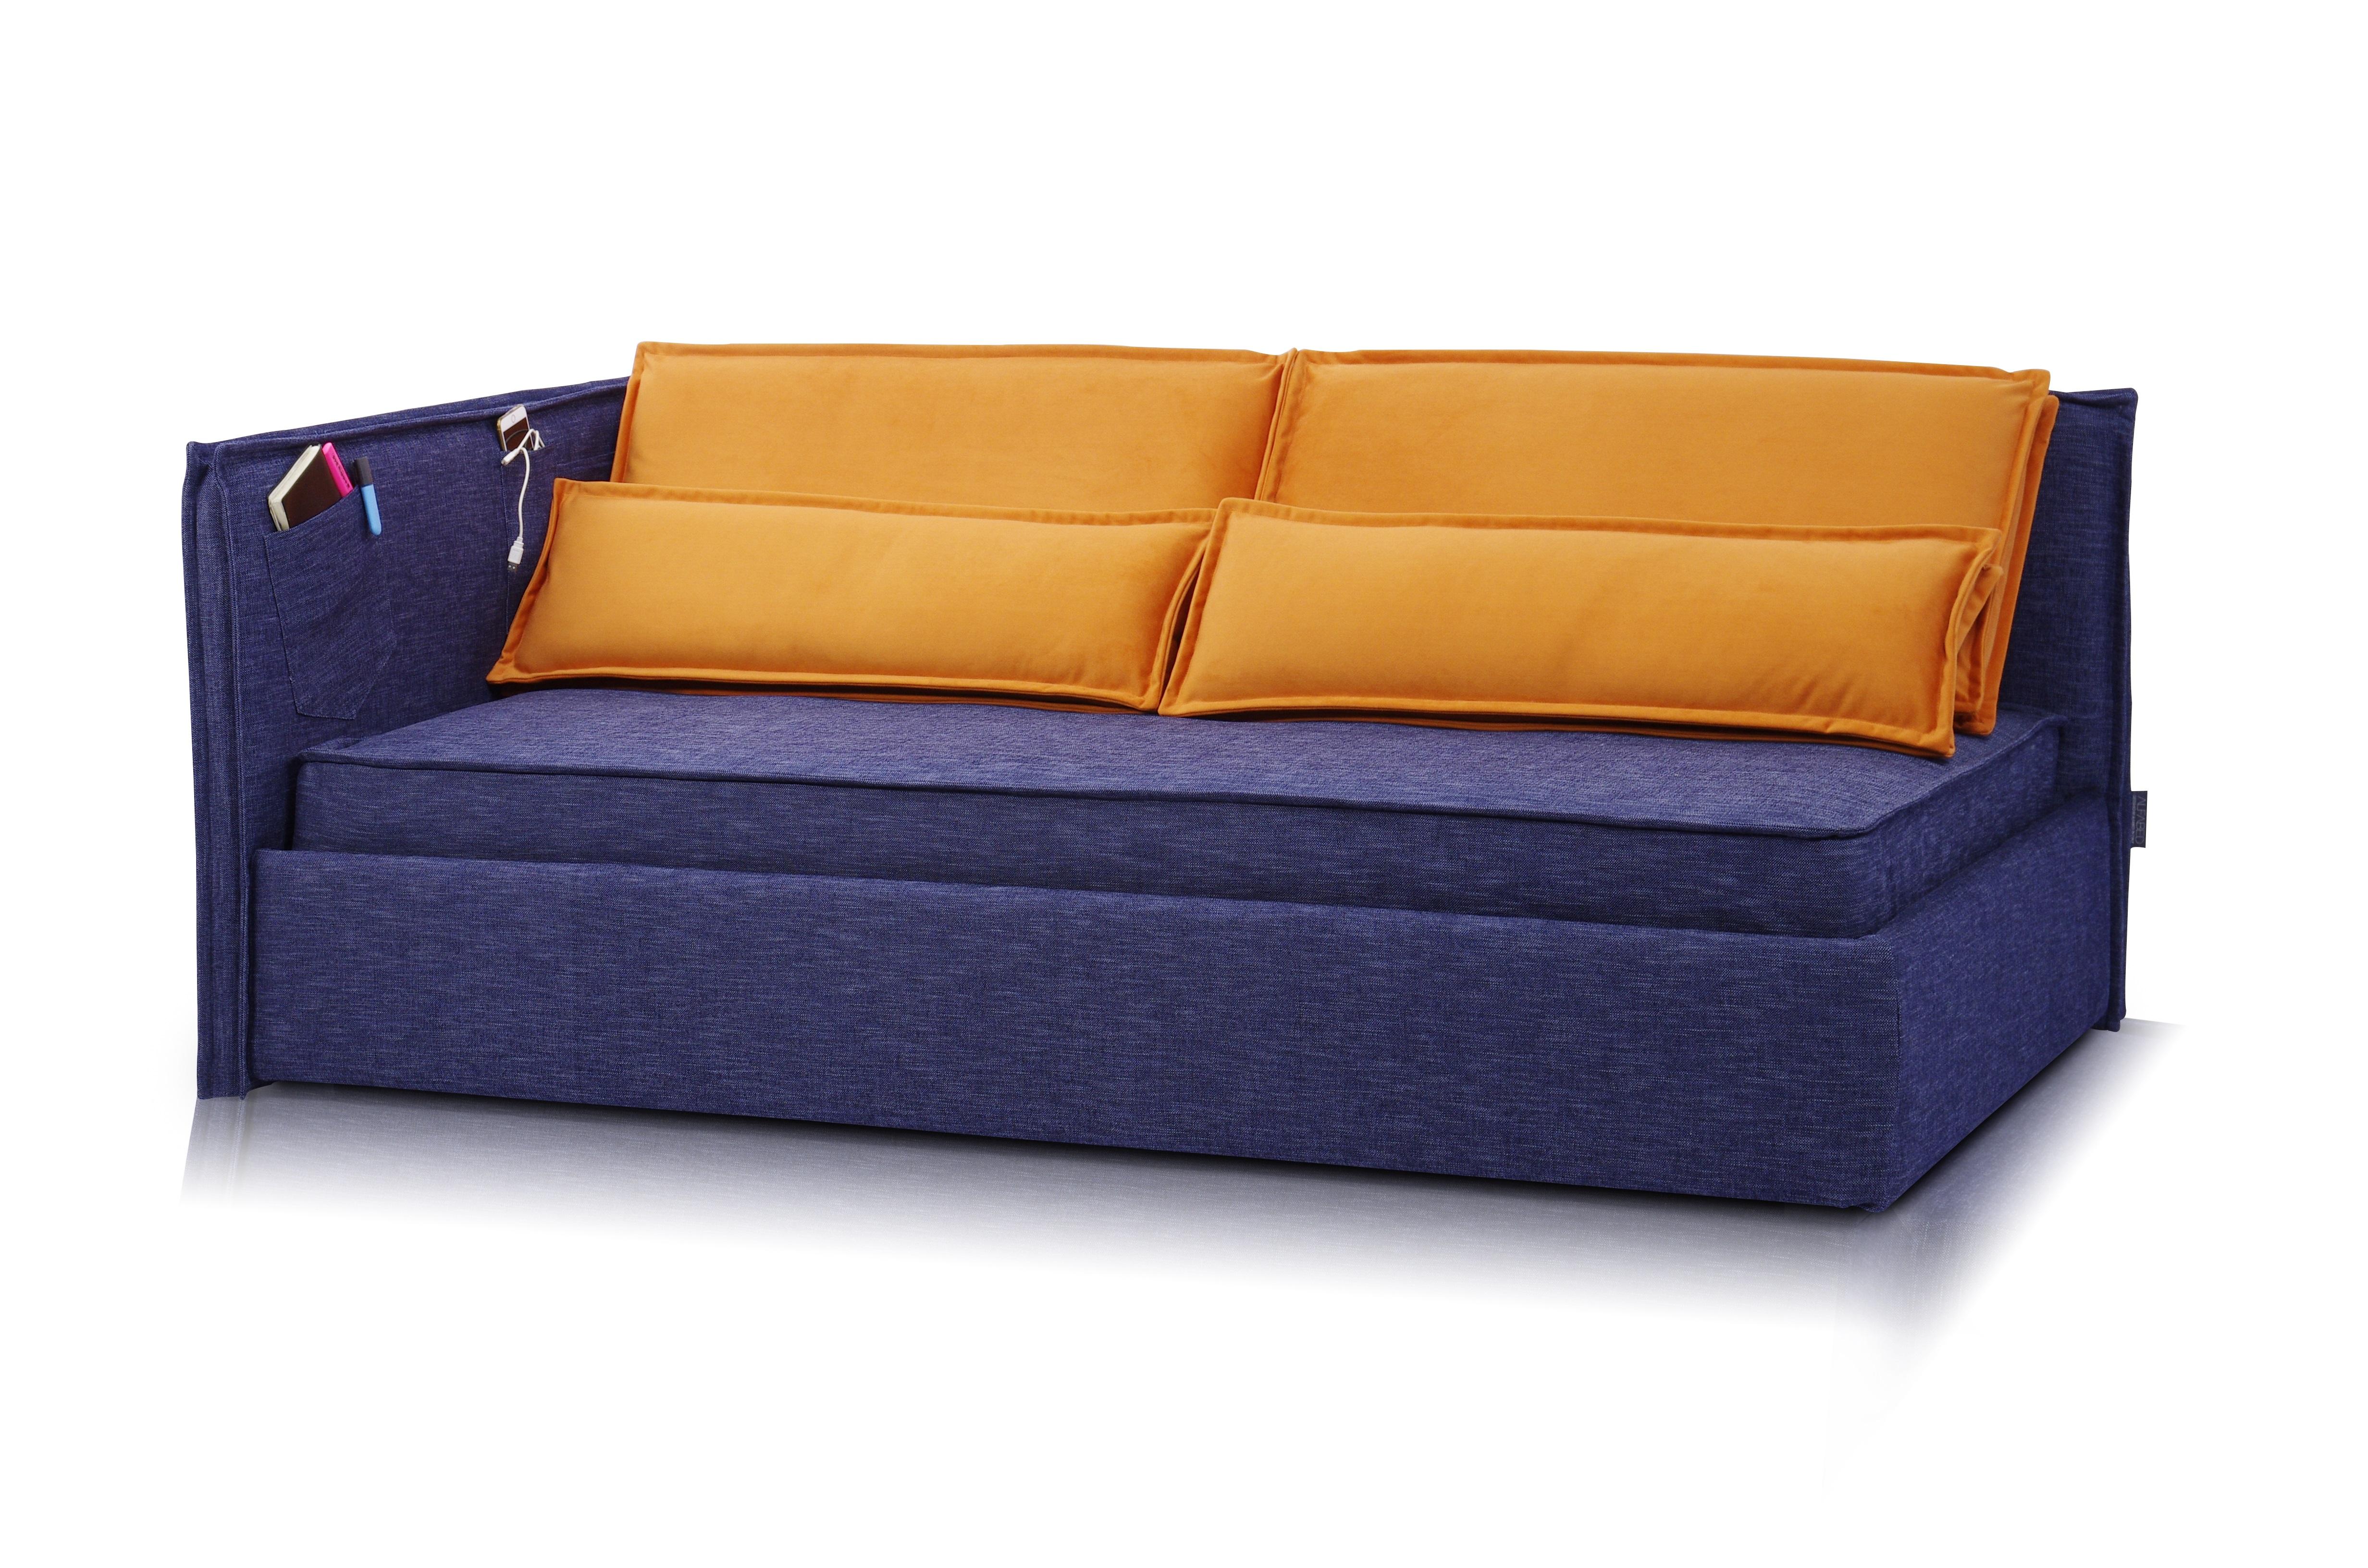 Кровать-диван SoloПрямые раскладные диваны<br>&amp;lt;div&amp;gt;Кровать-диван «Solo». Штатный размер посадочного и спального места 200х120 Ортопедическое основание входит в комплект Ортопедический матрас в комплекте. Декоративные подушки входят в комплект поставки Элемент дизайна: отличается современным дизайном и высокой функциональностью. Он занимает мало места и способен вписаться в помещение,оформленное в любом стиле Цвет синий Denim Все чехлы съемные на липучках (можно чистить)&amp;amp;nbsp;&amp;lt;/div&amp;gt;&amp;lt;div&amp;gt;&amp;lt;br&amp;gt;&amp;lt;/div&amp;gt;&amp;lt;div&amp;gt;Опции:&amp;amp;nbsp;&amp;lt;/div&amp;gt;&amp;lt;div&amp;gt;Варианты спальных мест&amp;amp;nbsp;&amp;lt;/div&amp;gt;&amp;lt;div&amp;gt;200x90&amp;amp;nbsp;&amp;lt;/div&amp;gt;&amp;lt;div&amp;gt;190х90&amp;lt;/div&amp;gt;&amp;lt;div&amp;gt;200x100&amp;amp;nbsp;&amp;lt;/div&amp;gt;&amp;lt;div&amp;gt;190x100&amp;amp;nbsp;&amp;lt;/div&amp;gt;&amp;lt;div&amp;gt;190x120&amp;amp;nbsp;&amp;lt;/div&amp;gt;&amp;lt;div&amp;gt;Возможна установка подъемного механизма.&amp;amp;nbsp;&amp;lt;/div&amp;gt;&amp;lt;div&amp;gt;Цены на опции уточняйте у менеджеров.&amp;lt;/div&amp;gt;&amp;lt;div&amp;gt;&amp;lt;br&amp;gt;&amp;lt;/div&amp;gt;&amp;lt;div&amp;gt;Дополнительные предметы в стоимость не входят&amp;lt;/div&amp;gt;<br><br>Material: Текстиль<br>Length см: None<br>Width см: 130<br>Depth см: 210<br>Height см: 90